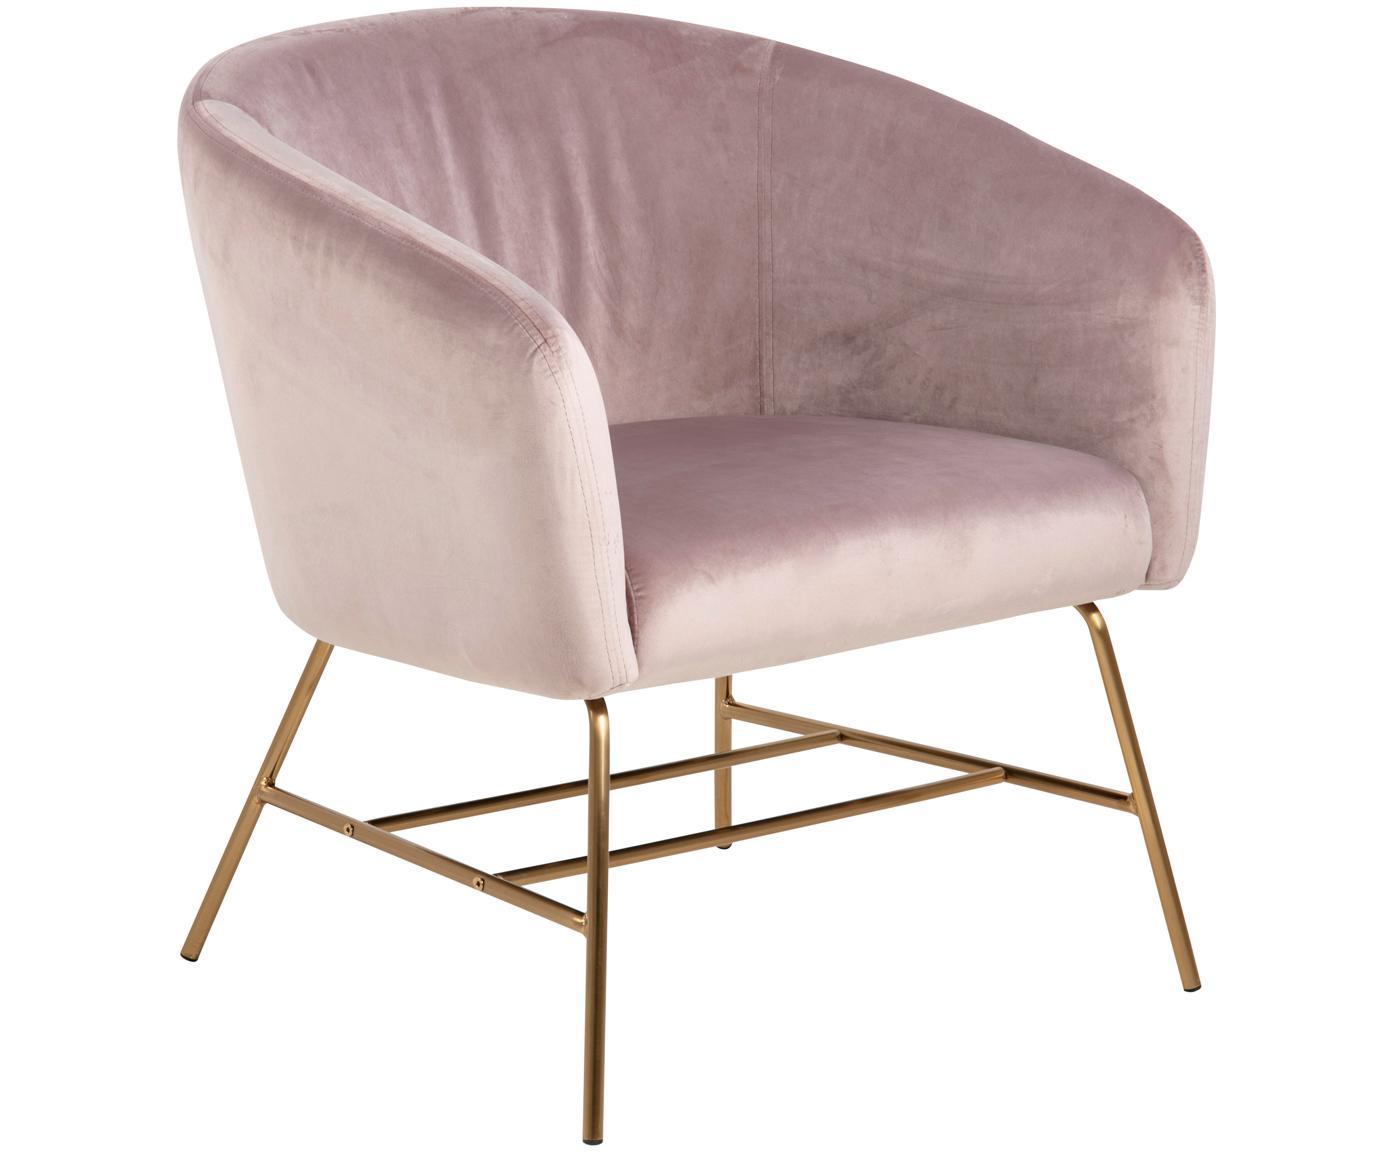 Sillón cóctel de terciopelo Ramsey, estilo moderno, Tapizado: terciopelo de poliéster 2, Patas: metal pintado, Terciopelo rosa, An 72 x F 67 cm